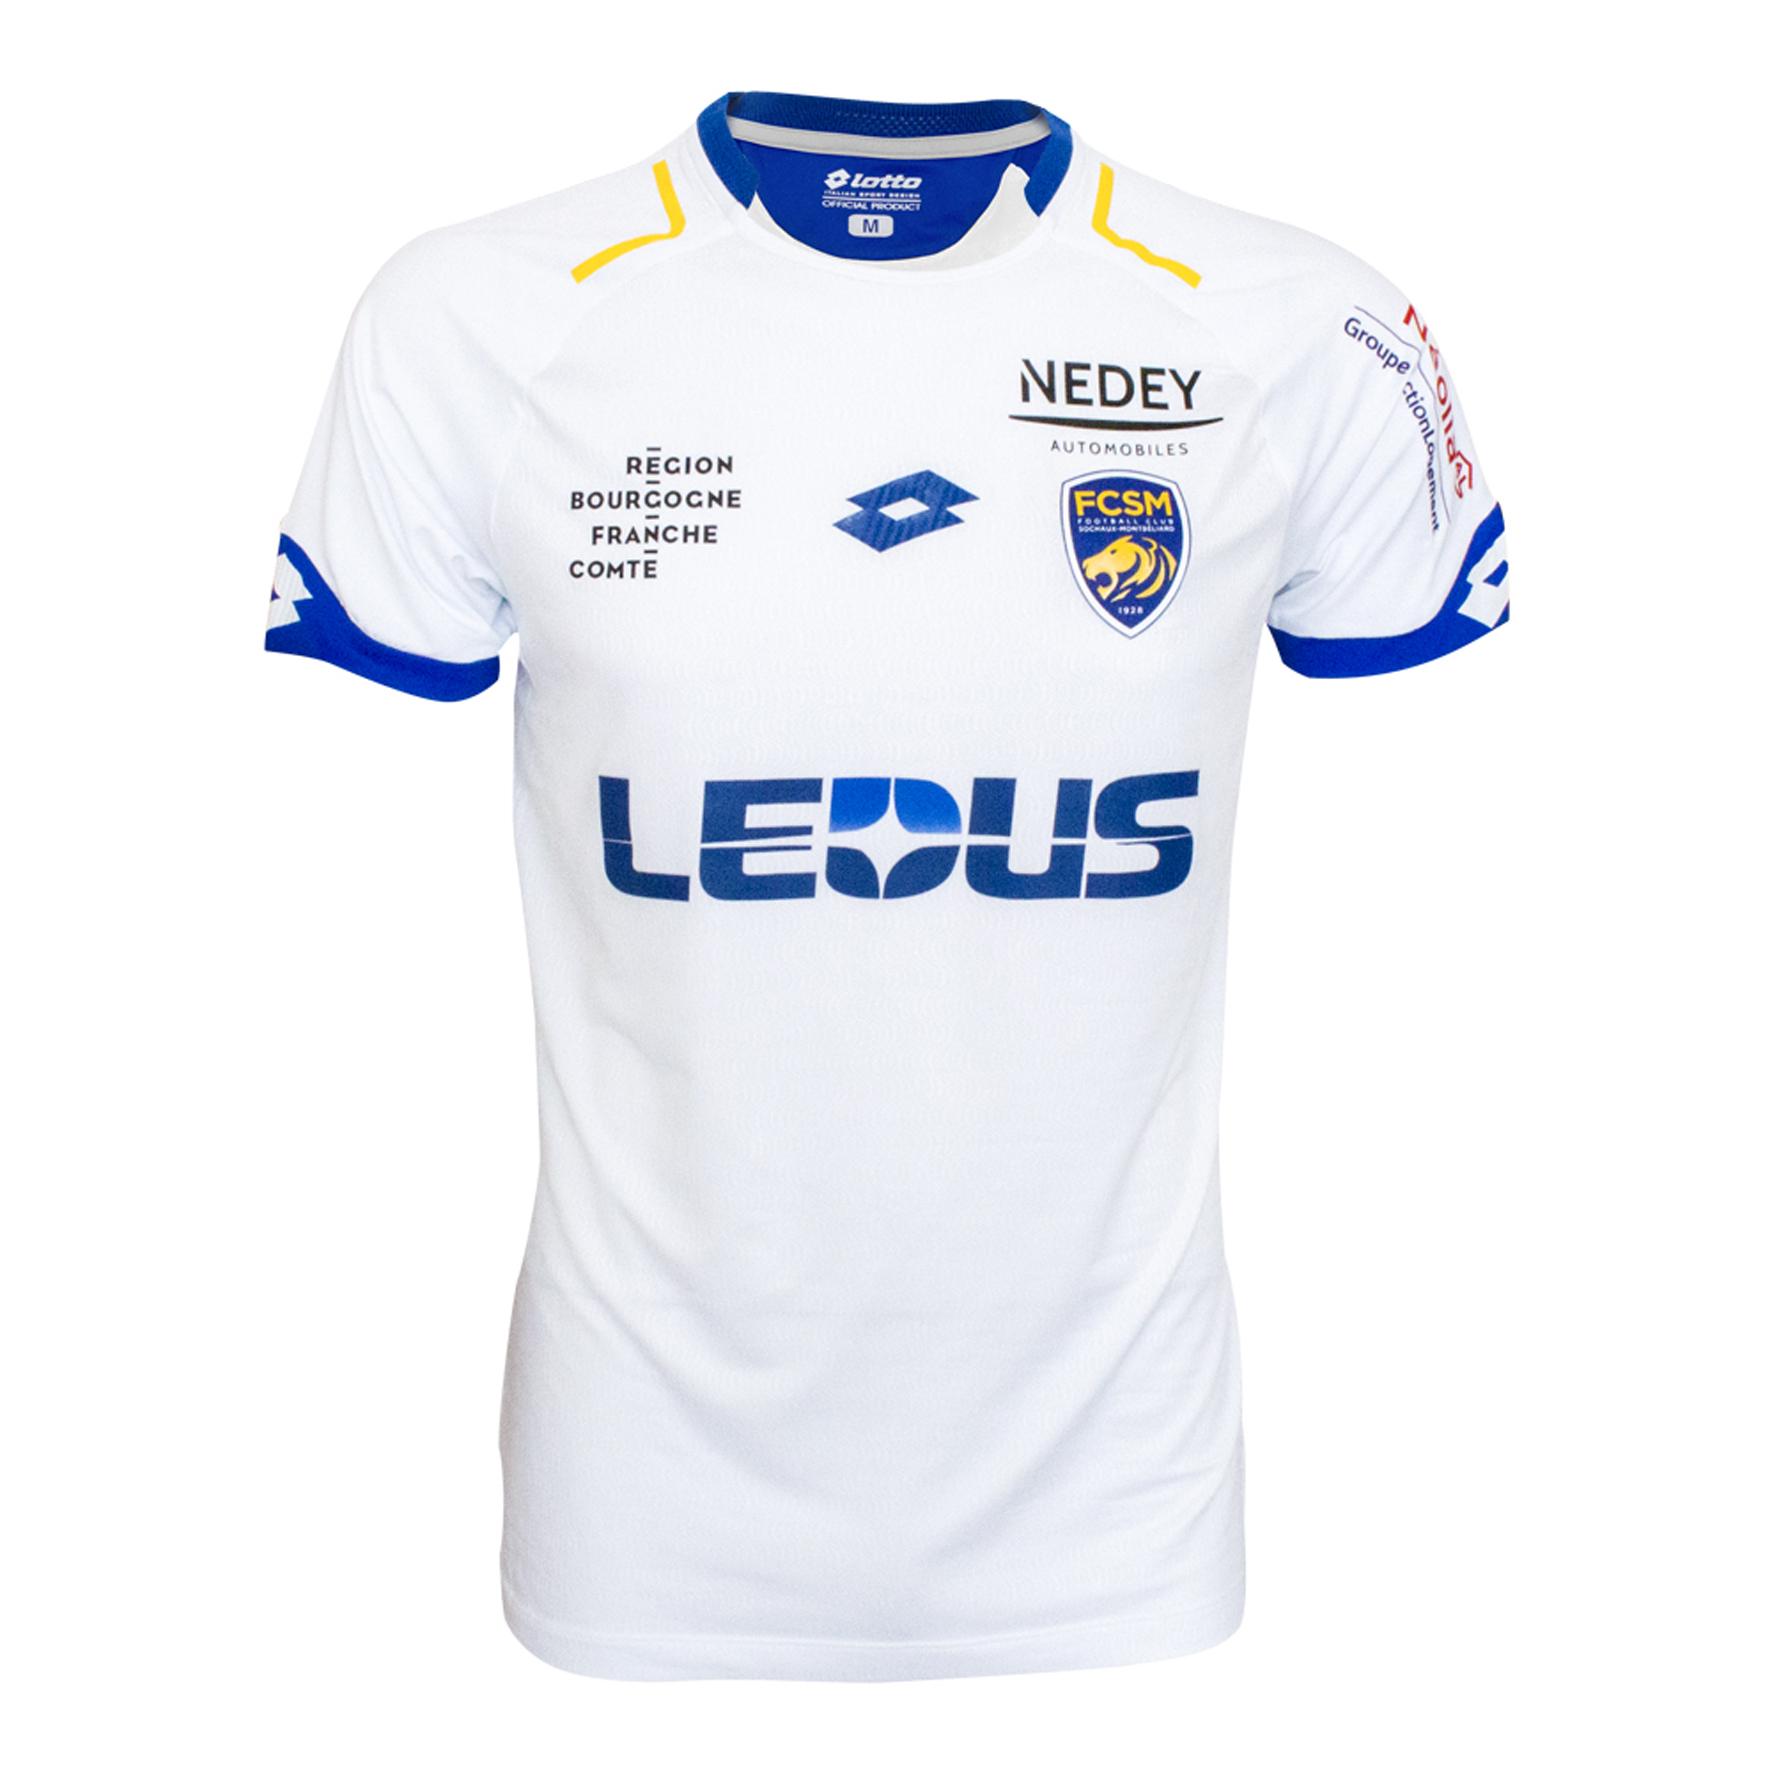 Lotto présente les nouveaux maillots du FC Sochaux - Montbéliard pour la saison 2017-2018